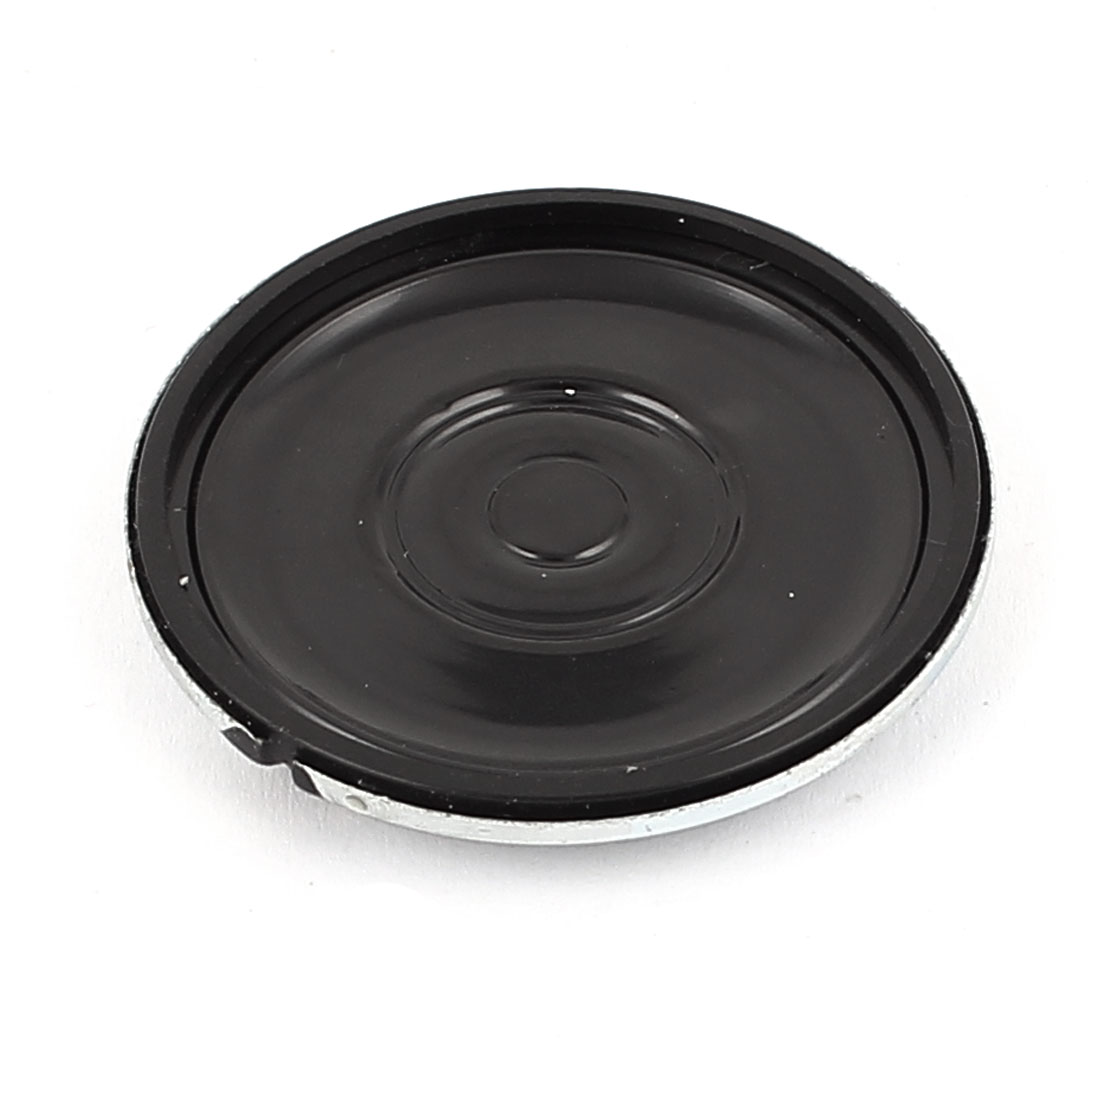 36mm Dia 16 Ohm 0.25W Aluminum Shell Internal Magnet Speaker Horn Loudspeaker